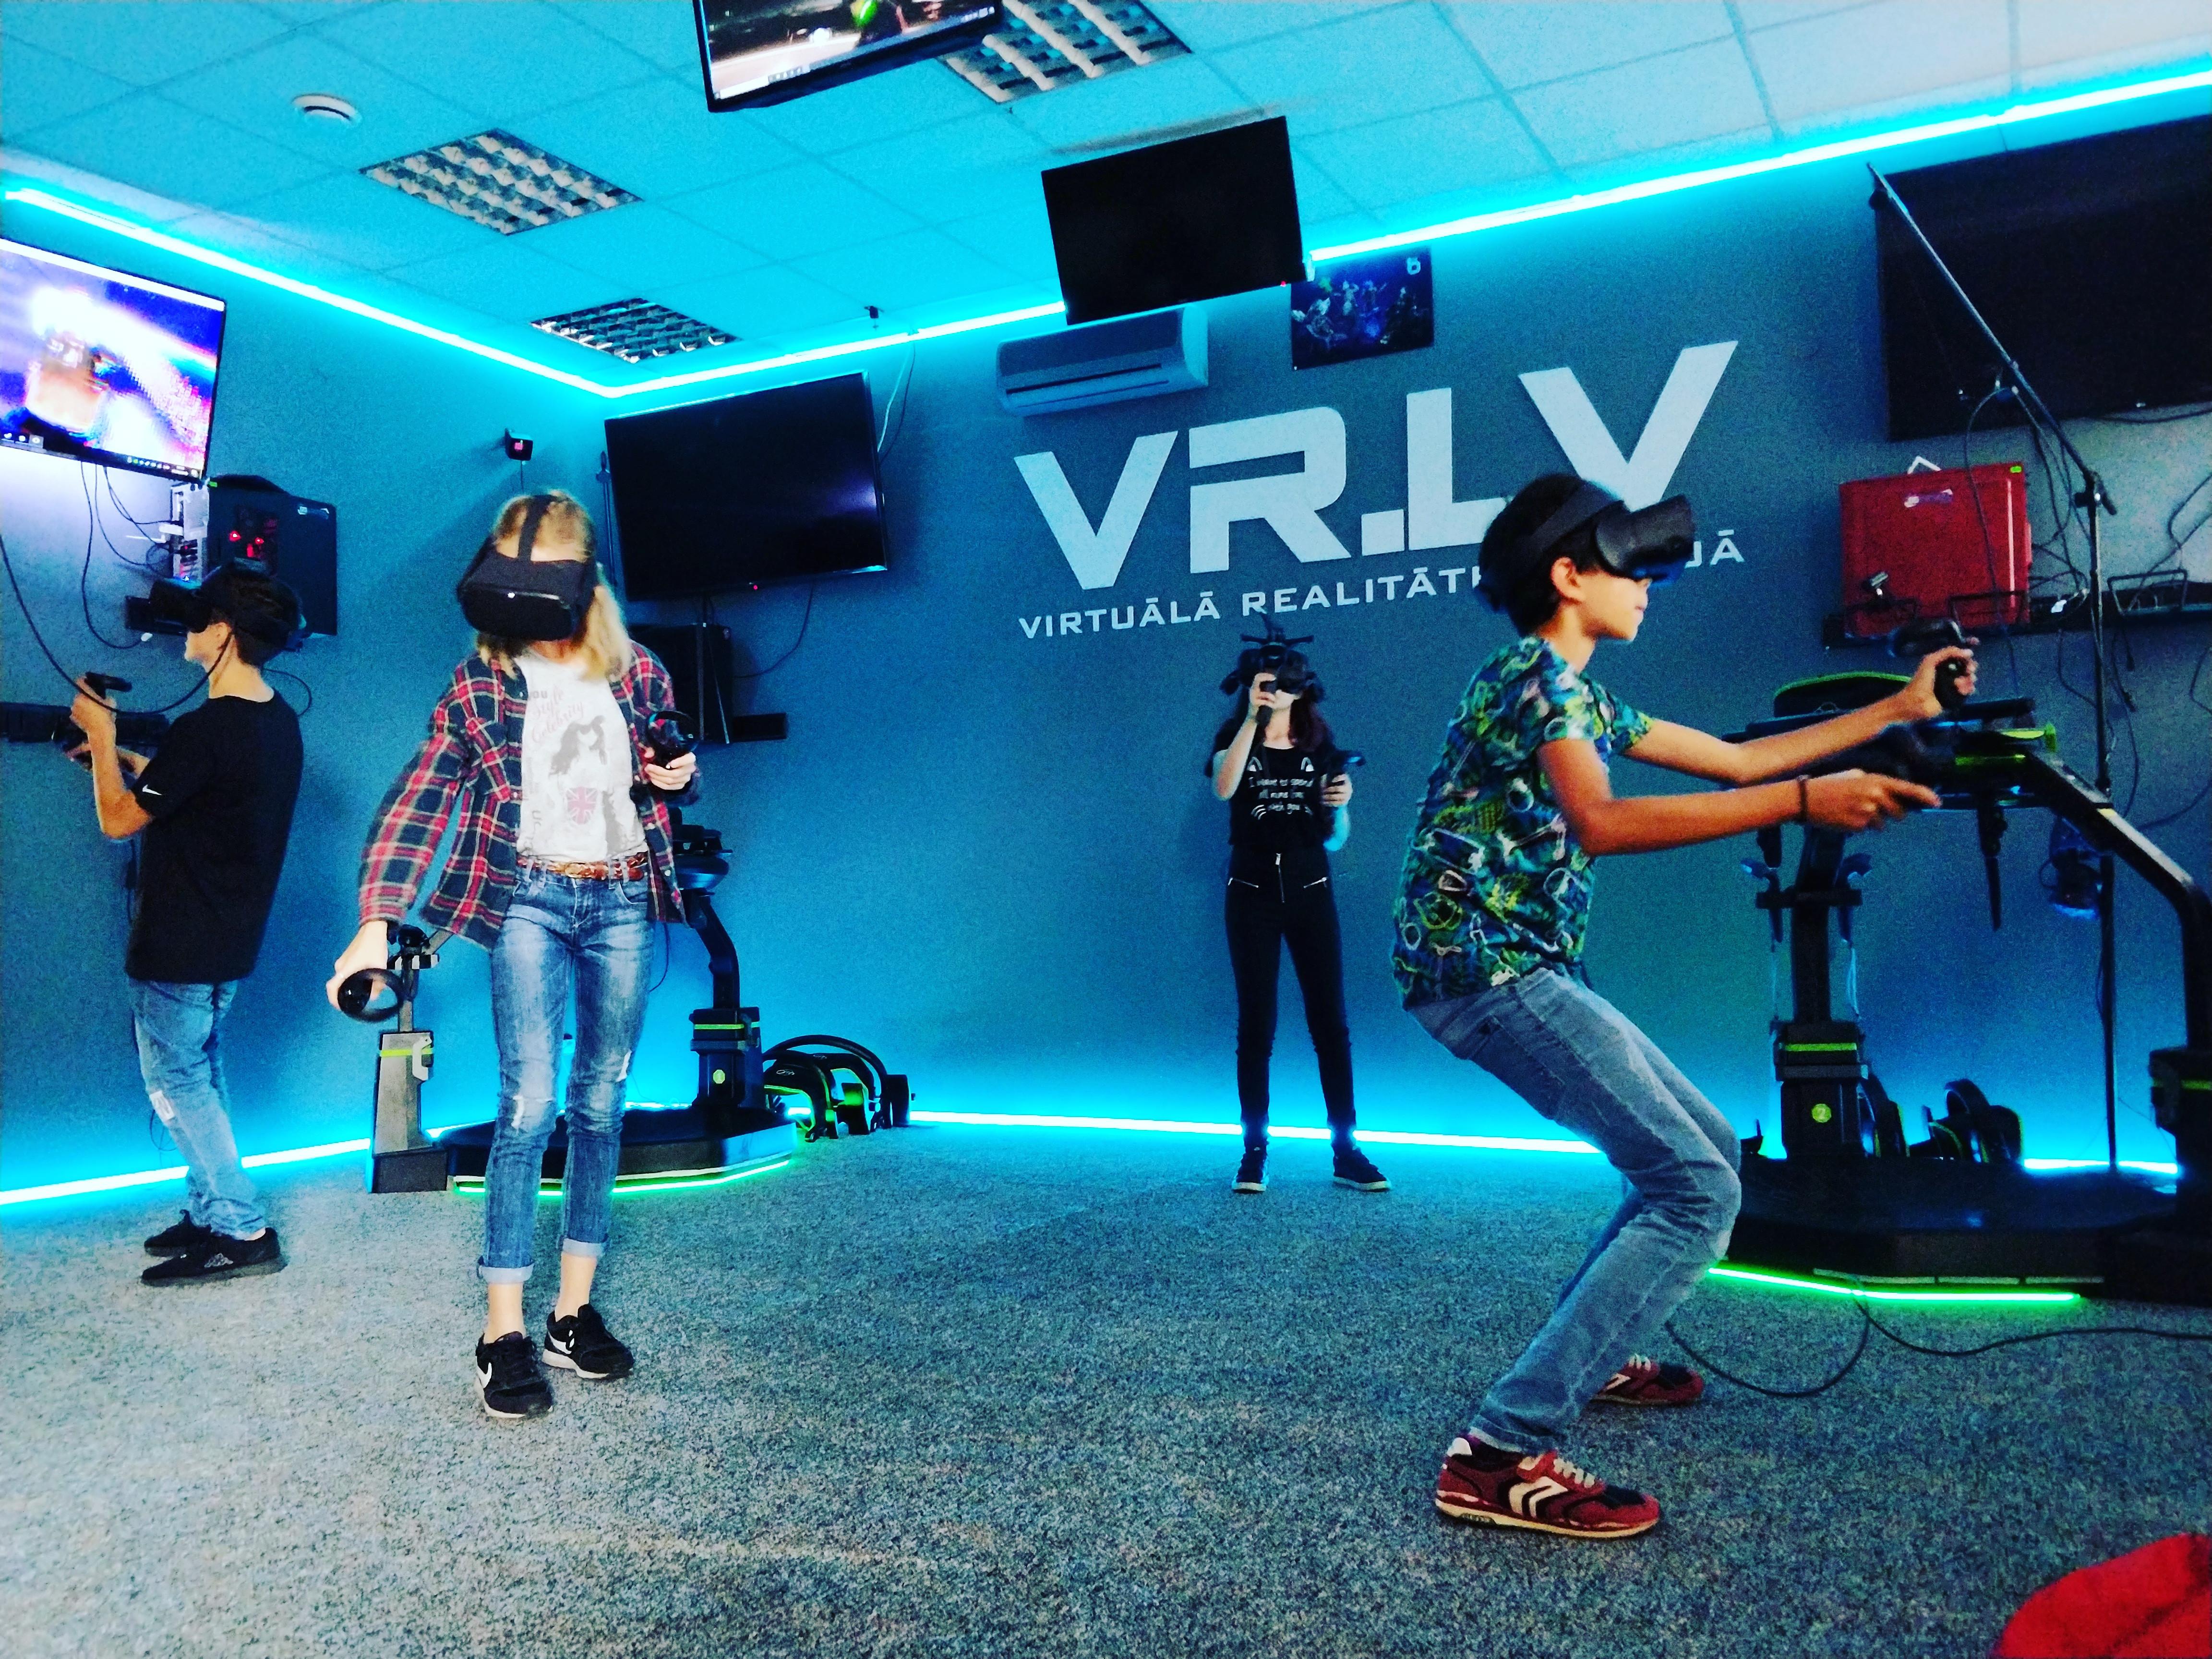 Виртуальная реальность (1 человек)